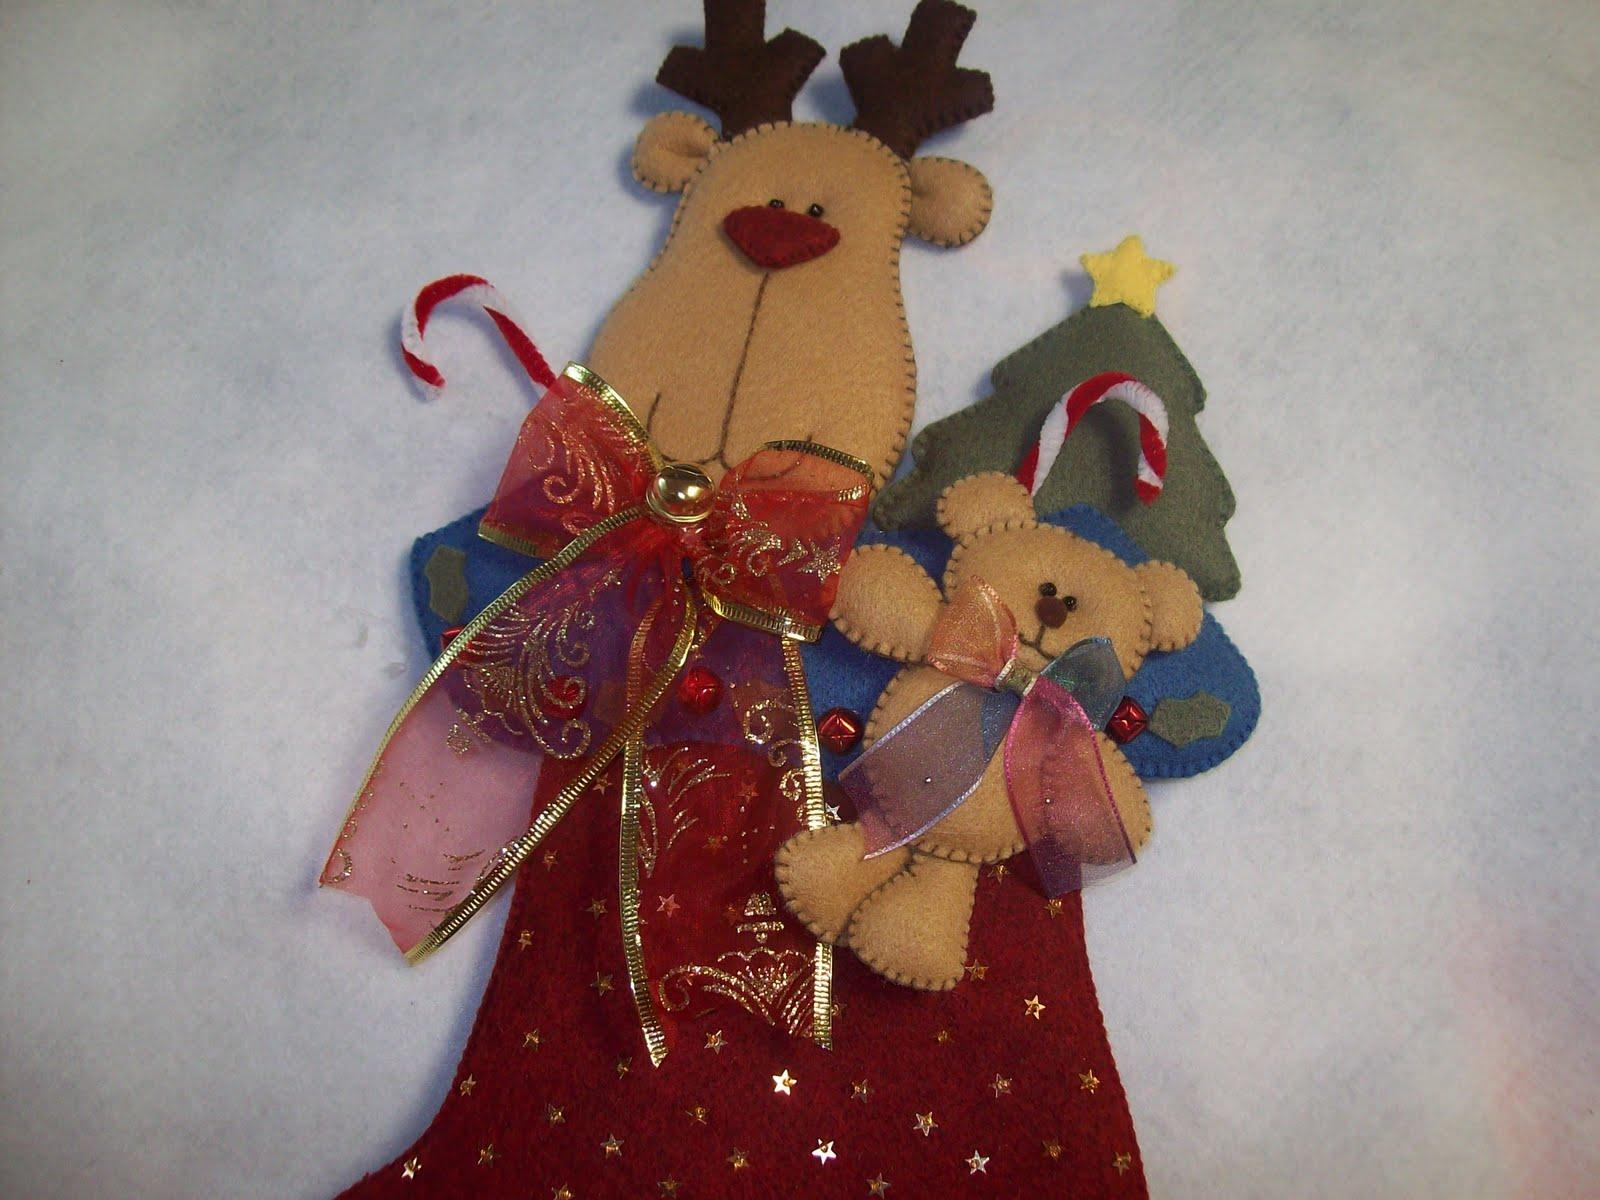 shexeldetallitos blog de manualidades bota con reno y On manualidades renos navideños